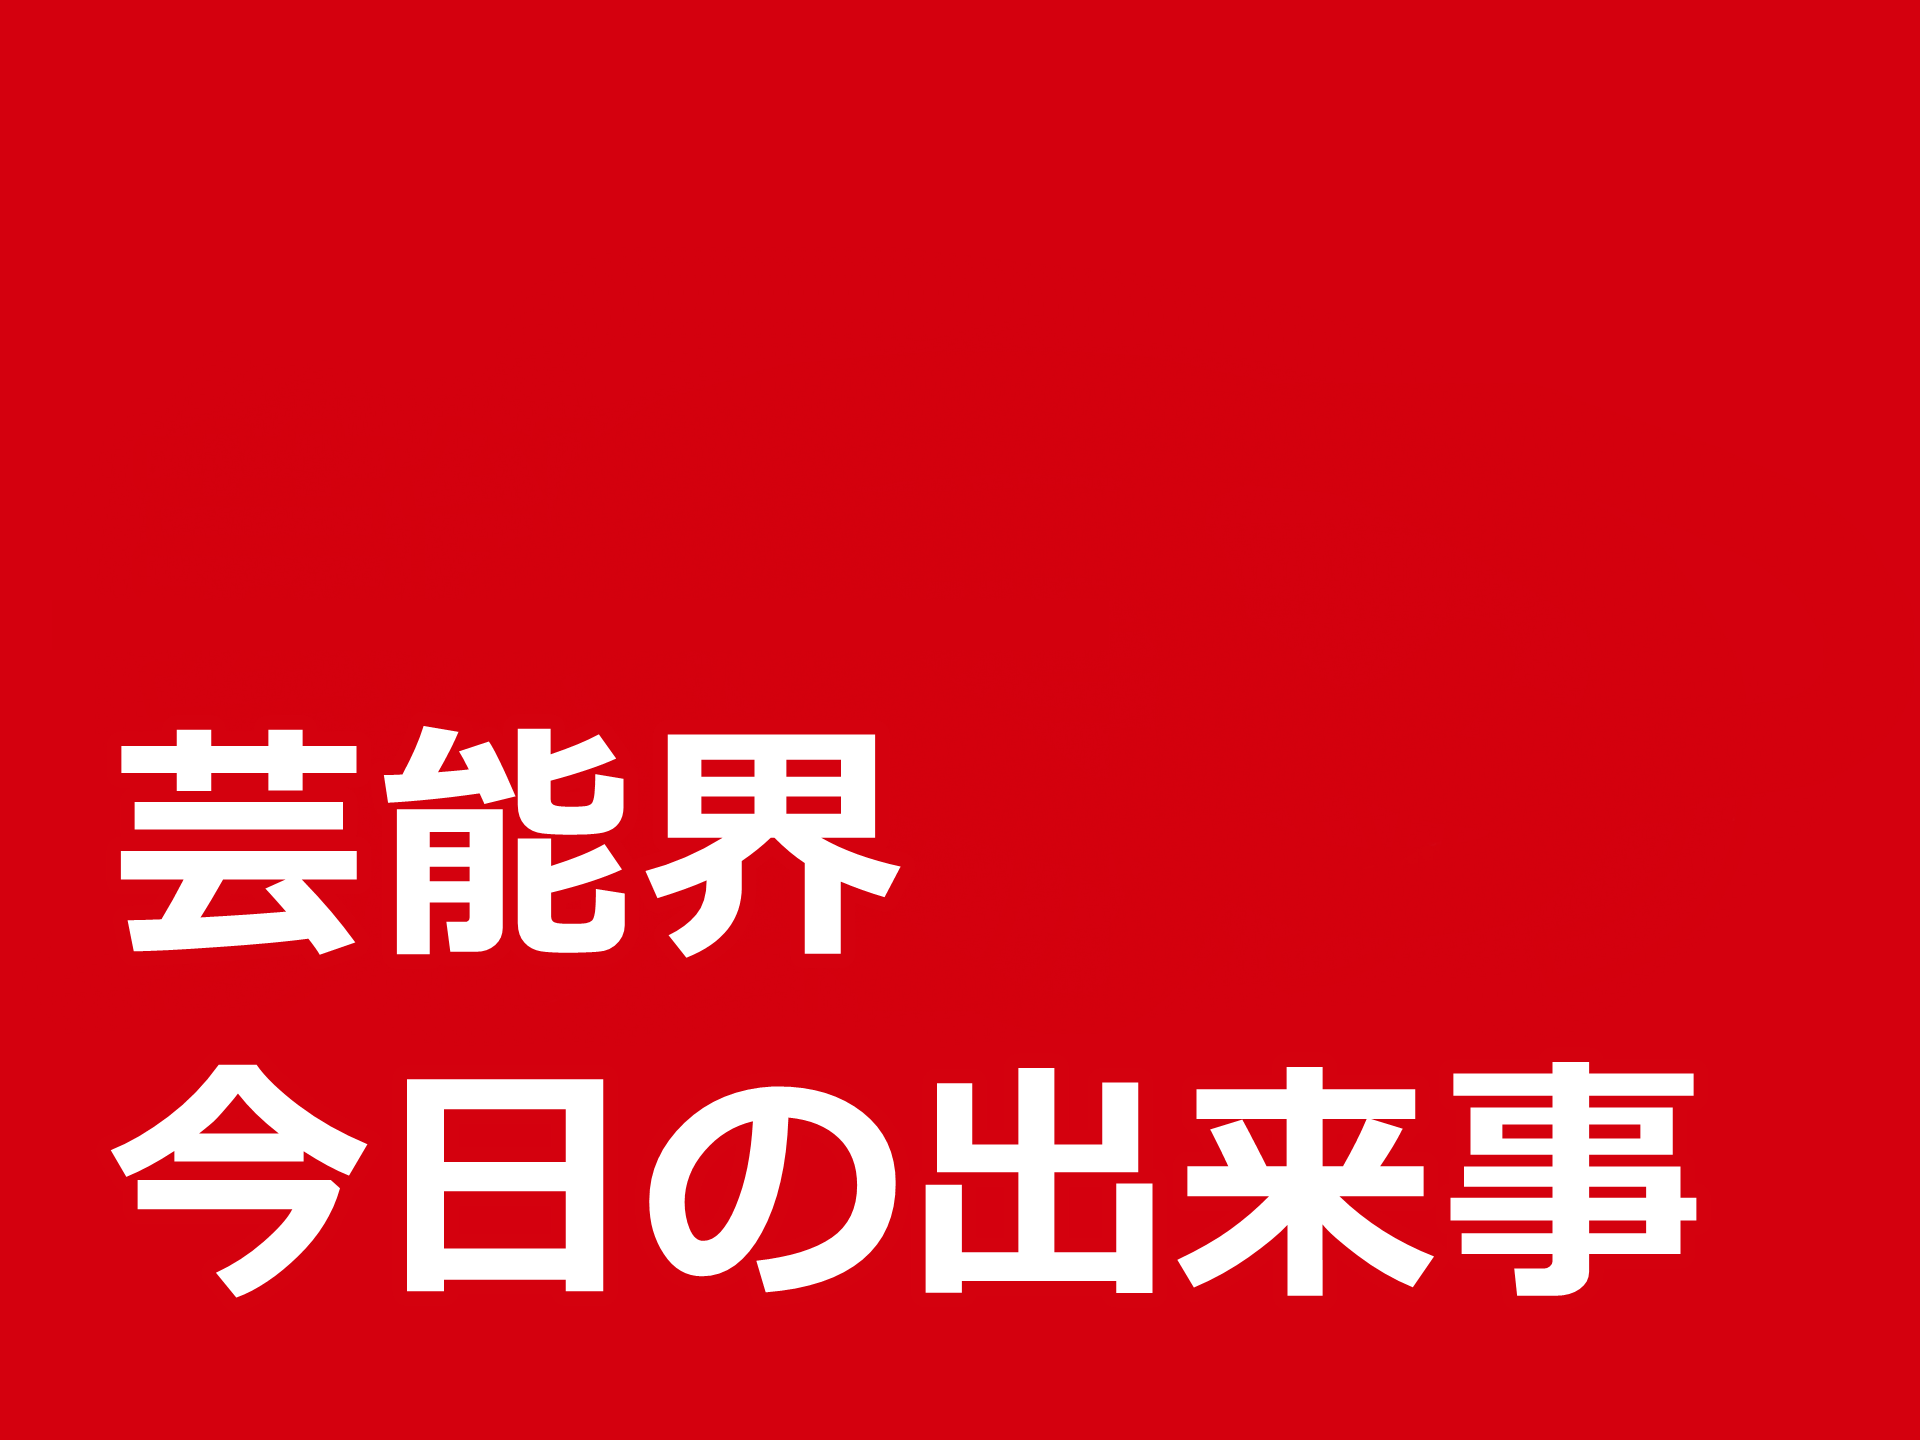 芸能界「1月22日」の出来事【ニュース・イベント・誕生日】